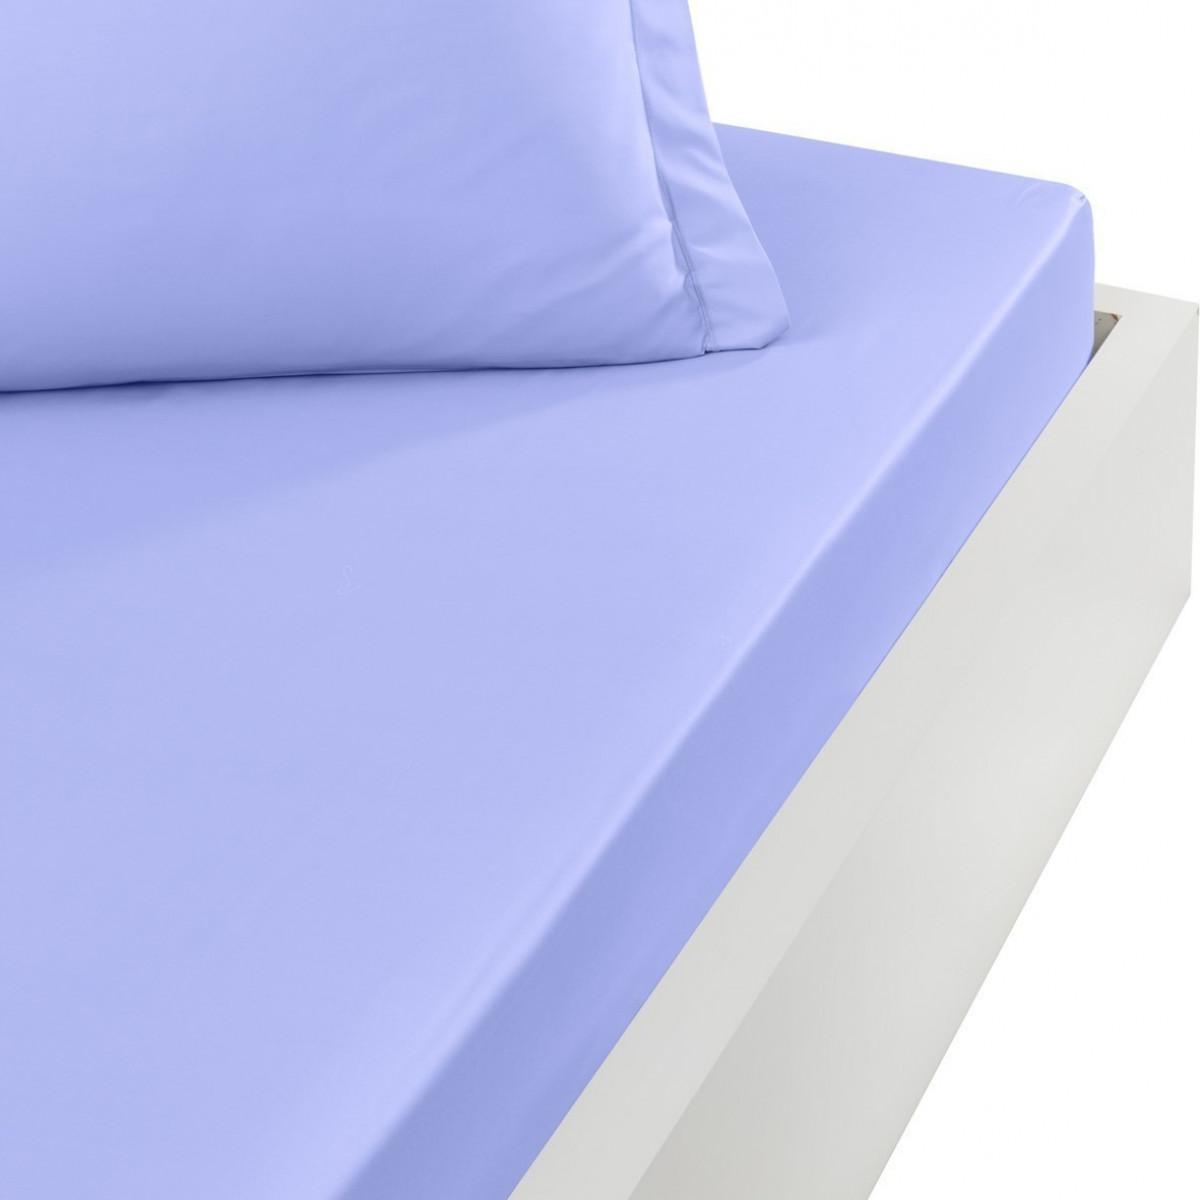 Drap housse en percale de coton bon Azur 140x200 cm